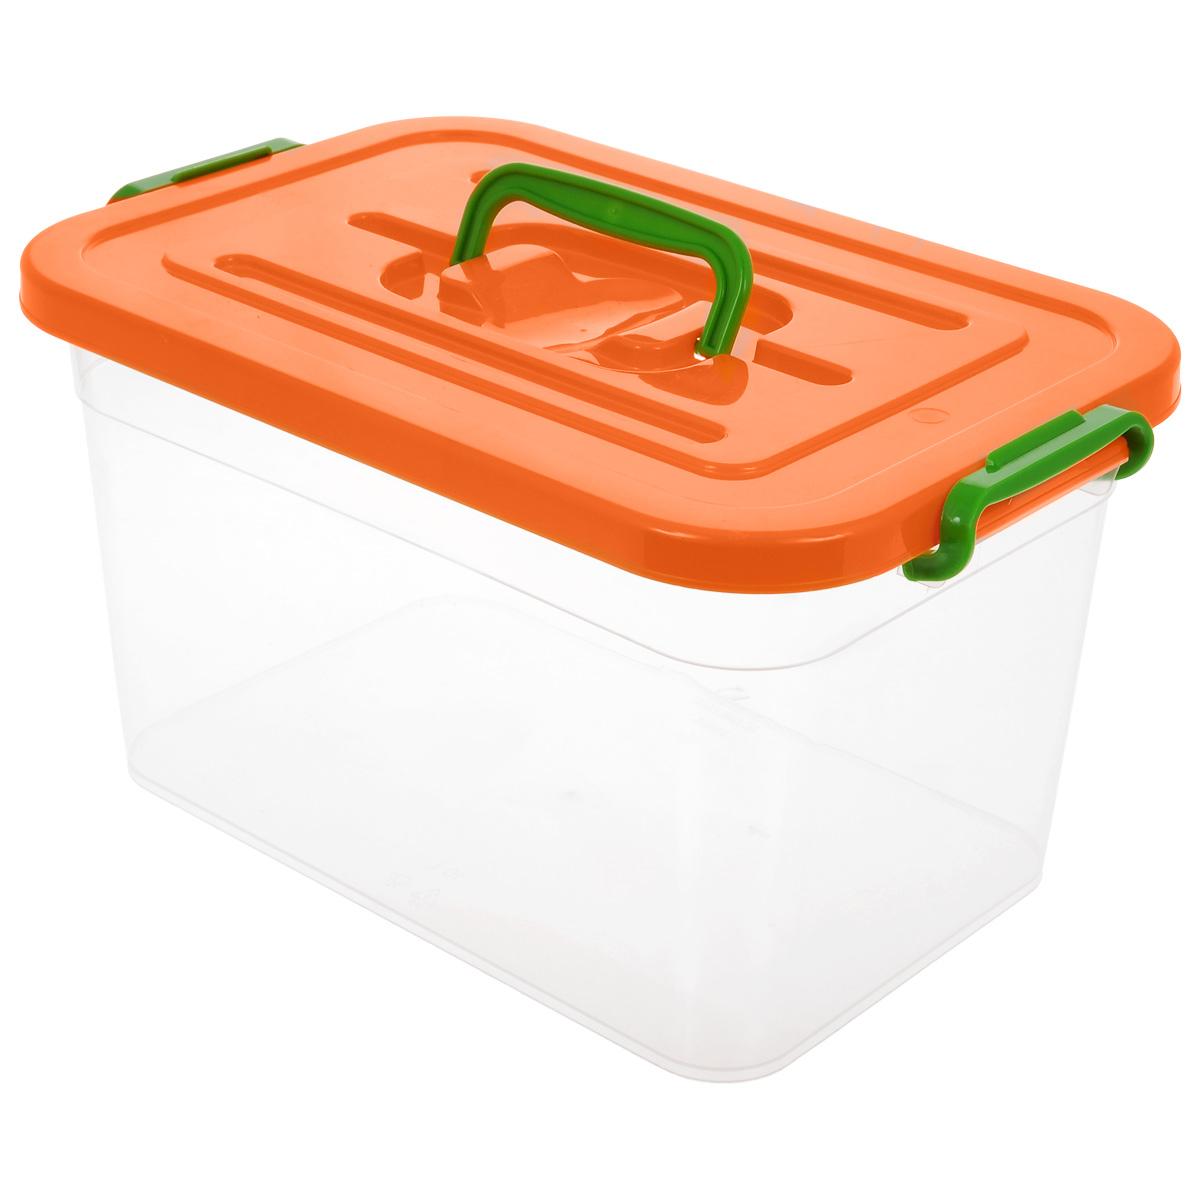 """Контейнер для хранения """"Полимербыт"""" выполнен из высококачественного полипропилена.  Изделие снабжено удобной ручкой и двумя фиксаторами по бокам, придающими  дополнительную надежность закрывания крышки. Вместительный контейнер позволит  сохранить различные нужные вещи в порядке, а герметичная крышка предотвратит случайное  открывание, а также защитит содержимое от пыли и грязи."""